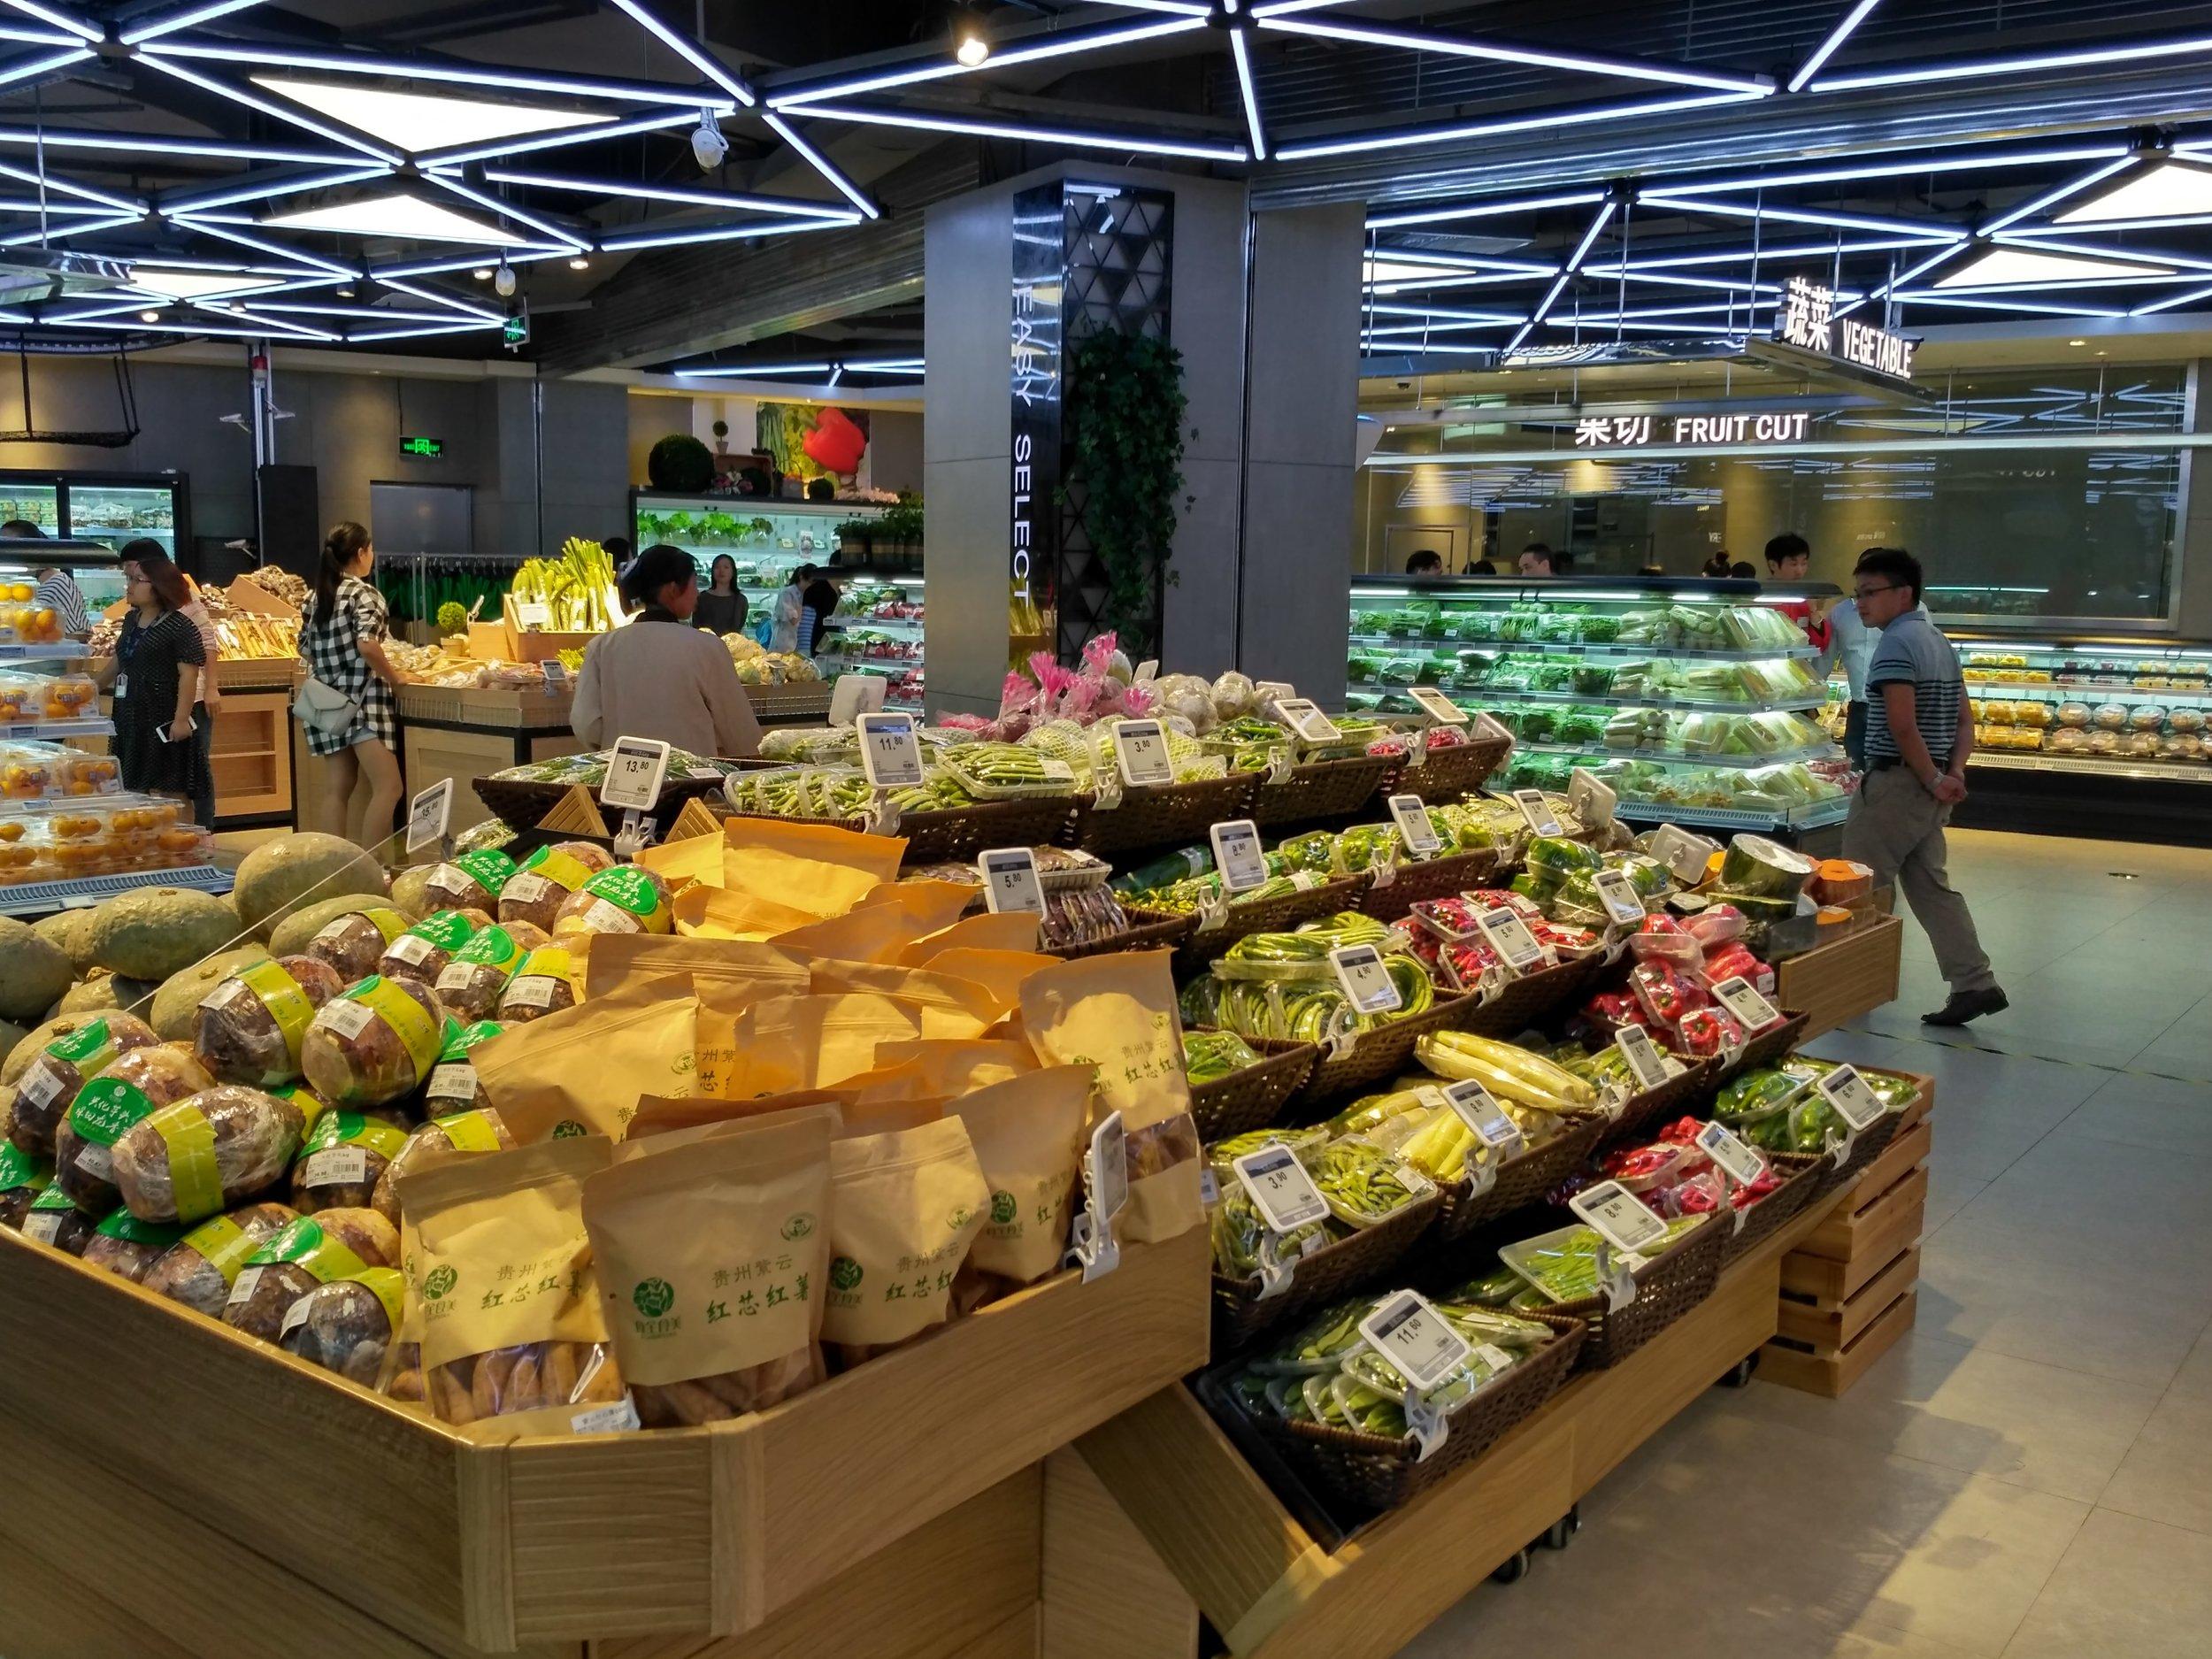 Fresh vegetable section of a supermarket using esLabels digital pricing solution